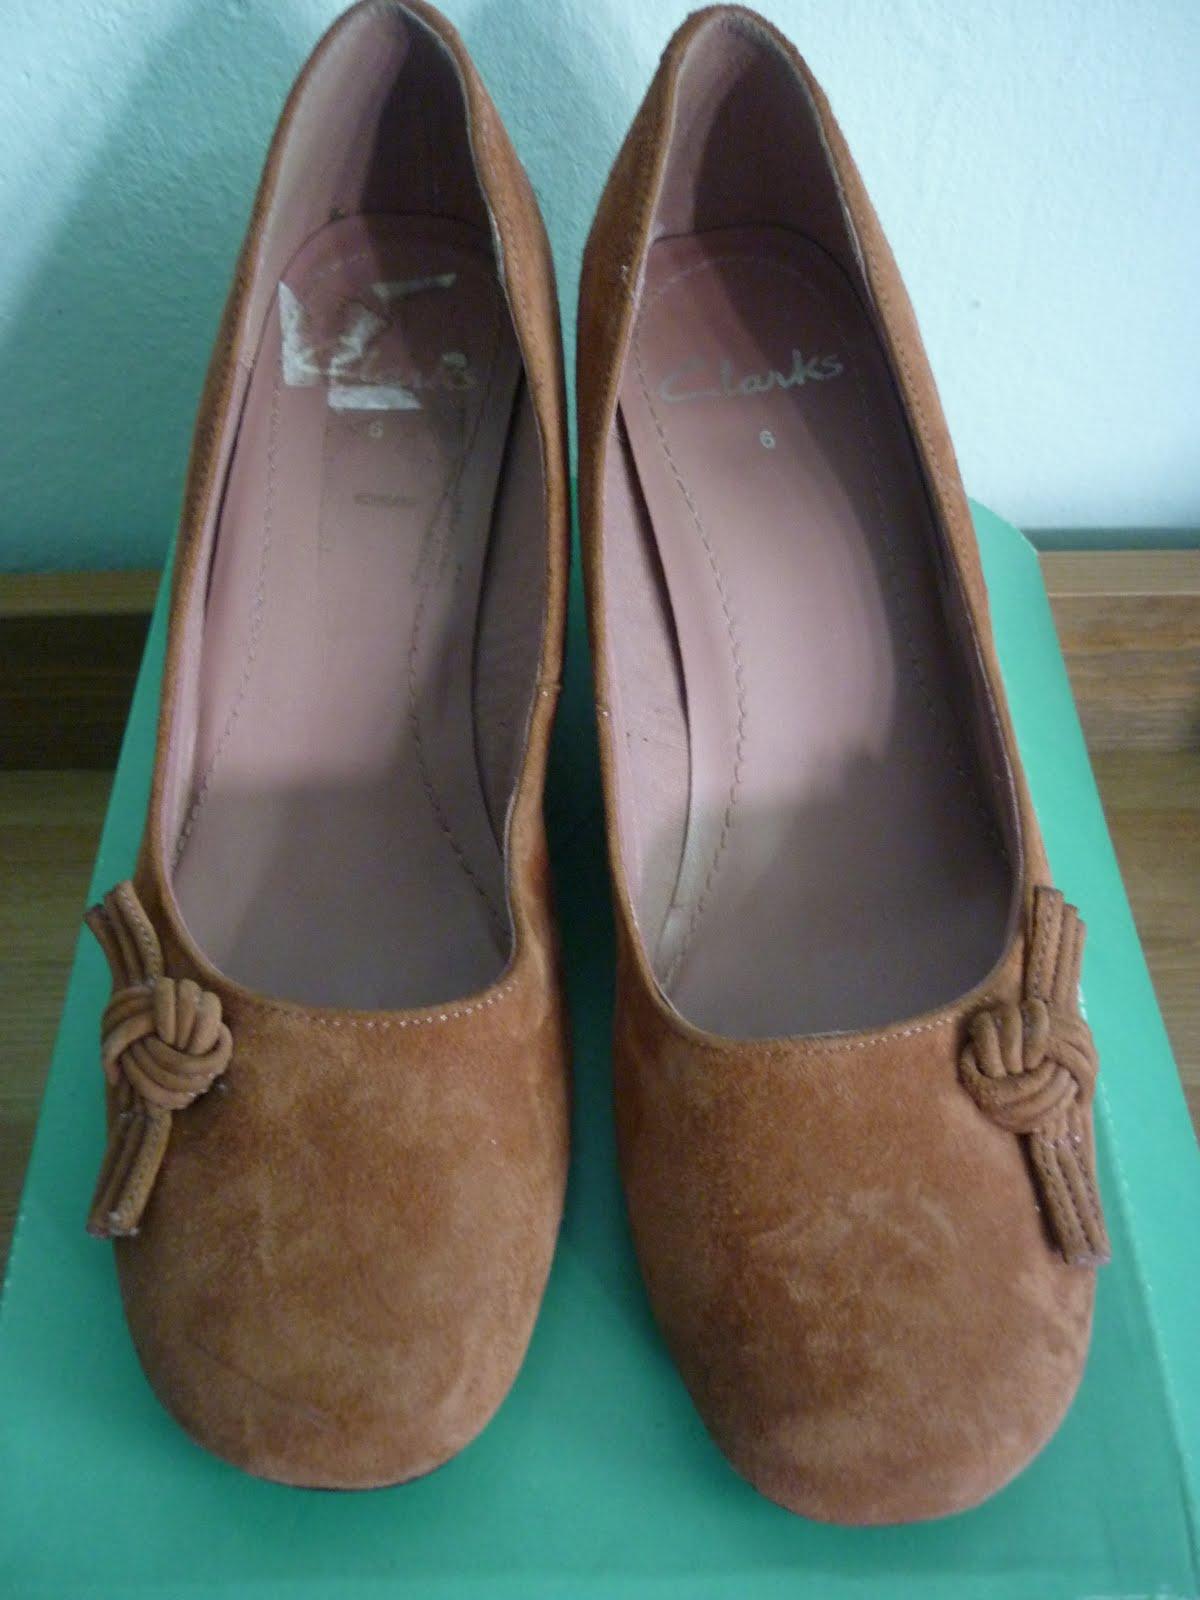 e95850a16 lacoste ladies shoes. Clarks Ladies Wedges  Fajita